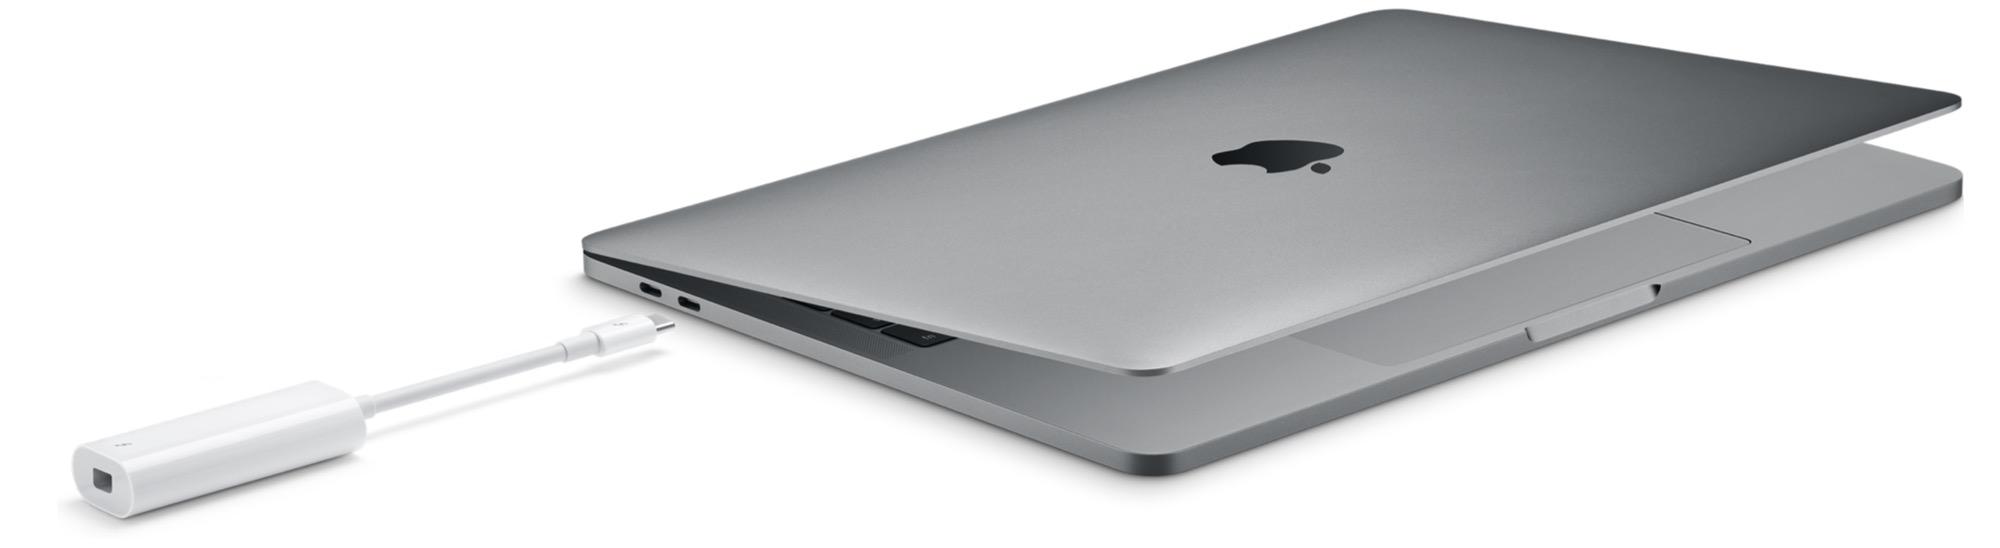 Thunderbolt 3 (USB-C) Thunderbolt Adapter [mmel2zm/a]